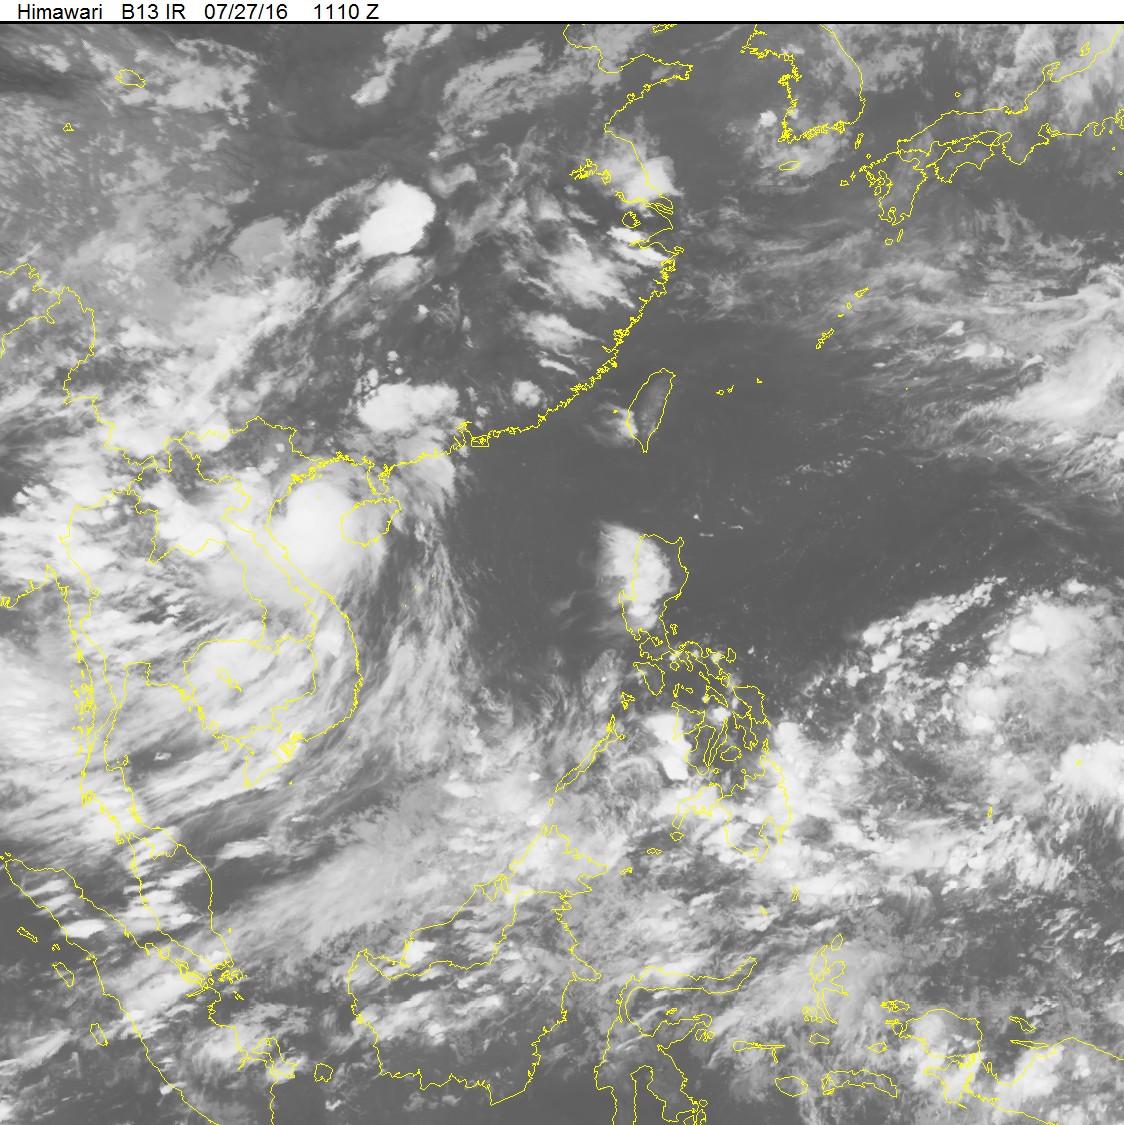 Bão số 1 ảnh trực tiếp tới Hà Nội gây mưa lớn và dông 3